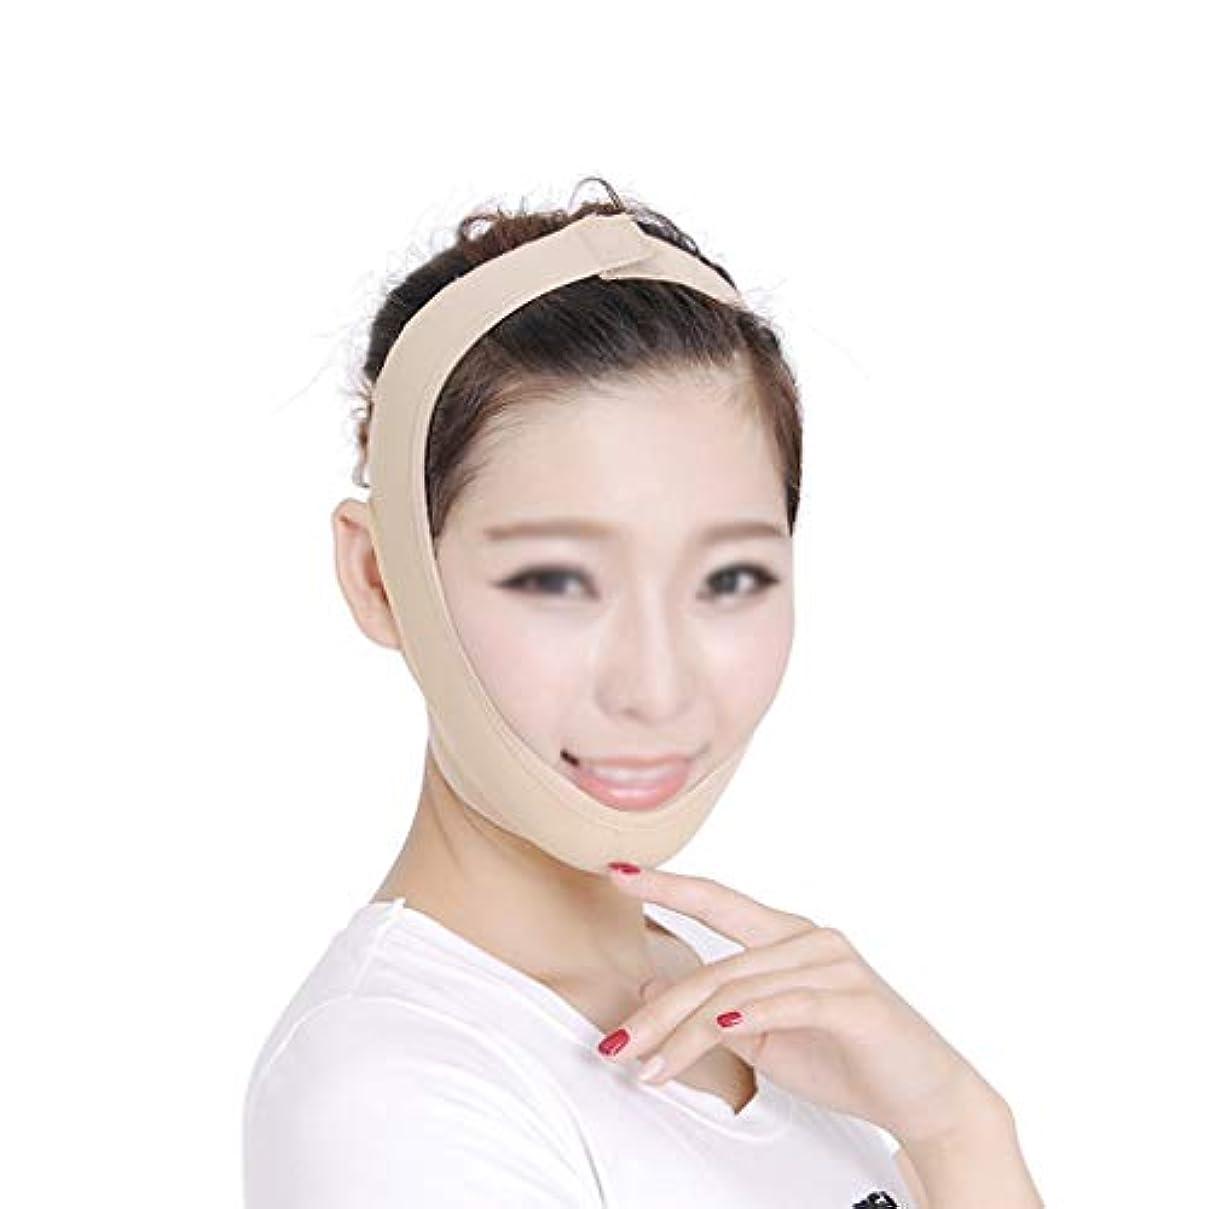 エトナ山句シングルLJK 減量の包帯、顔の持ち上がる包帯、二重あごを減らすために持ち上がるベルトを取除く顔の減量のマスクの持ち上がる表面、フェイスマスク、二重あご (Color : Yellow pink, Size : XXL)